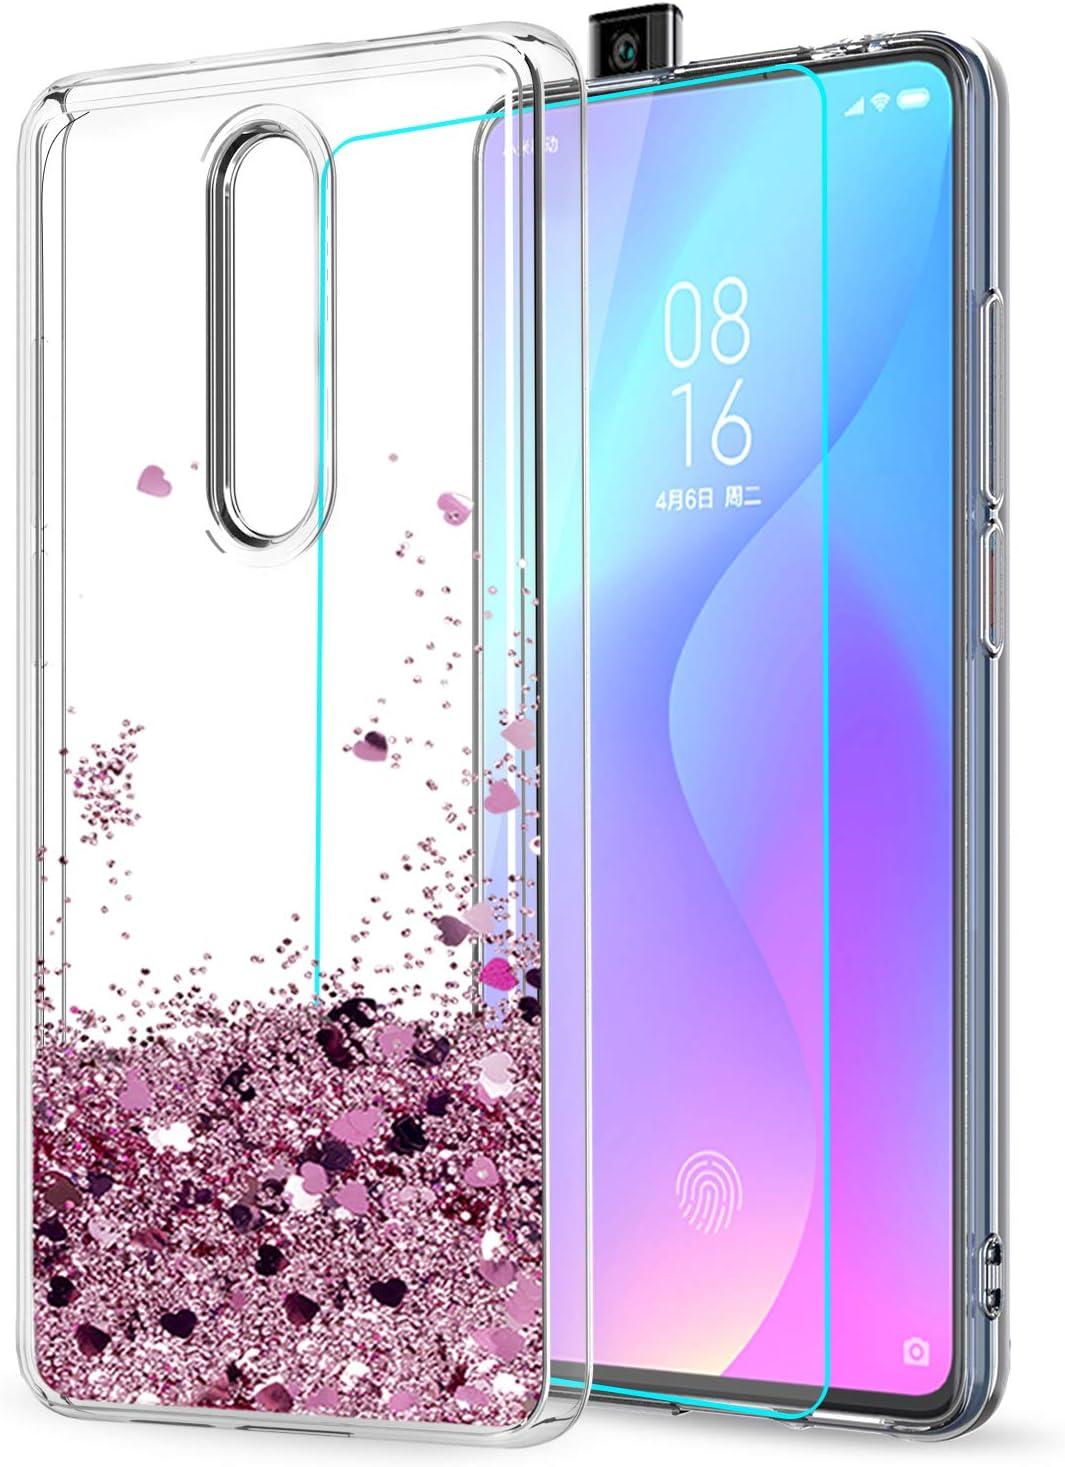 LeYi Funda Xiaomi MI 9T / MI 9T Pro ,Funda Xiaomi Redmi K20 / K20 Pro Silicona Purpurina Carcasa con HD Protectores de Pantalla Transparente Bumper Gel TPU Case Cover para Movil Redmi K20 ZX Oro Rosa